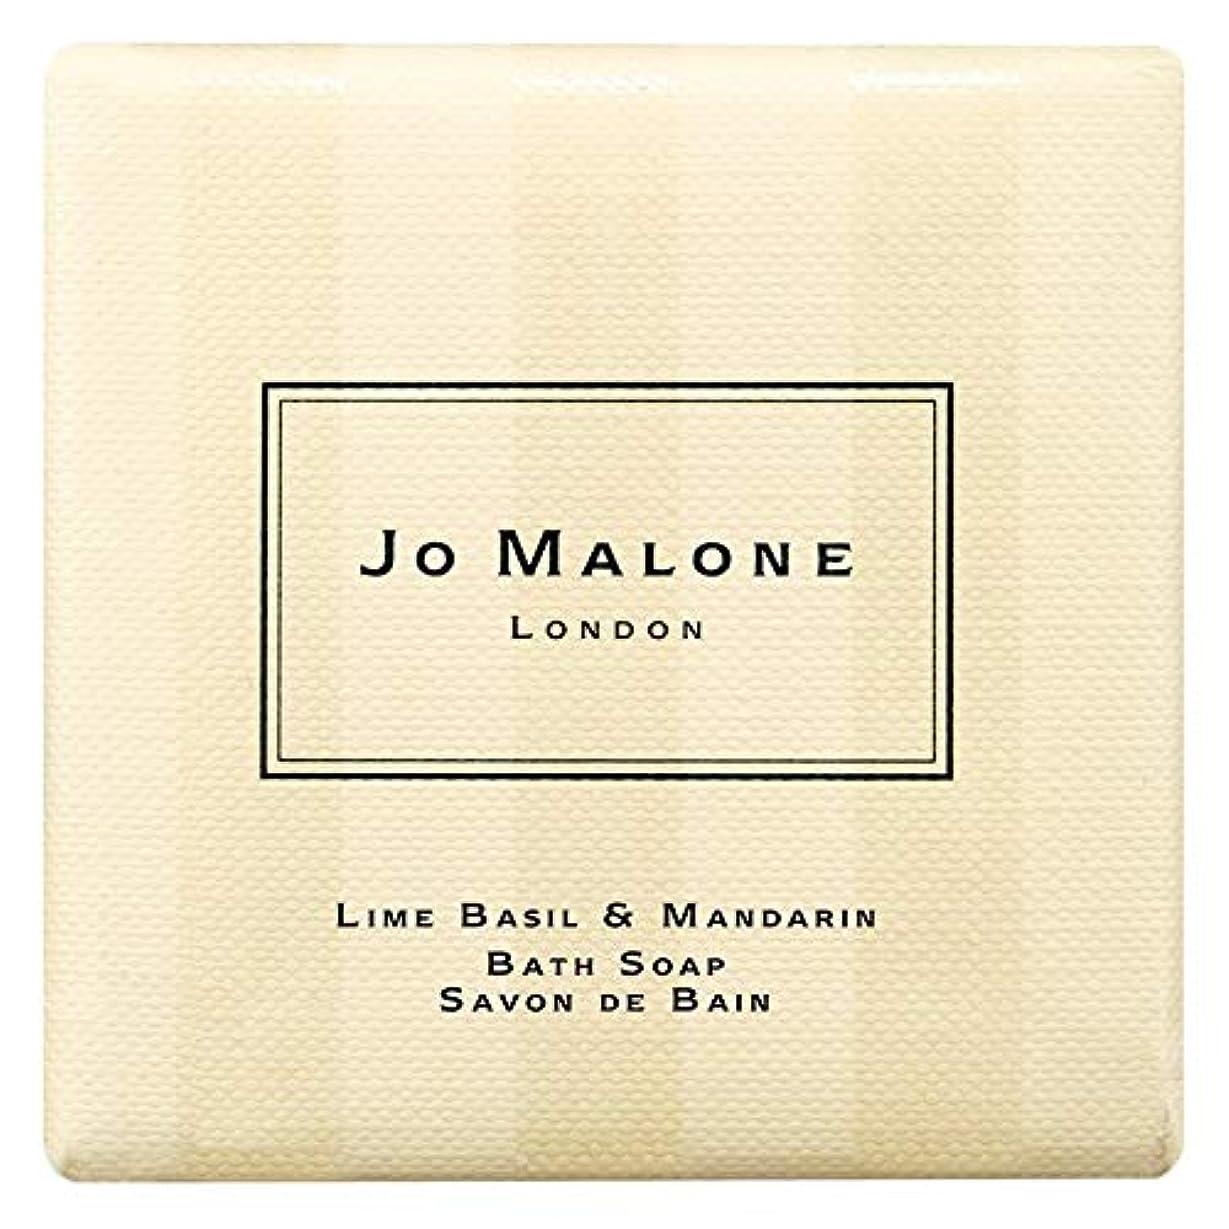 遺伝的溝いらいらする[Jo Malone] ジョーマローンロンドンライムバジル&マンダリンお風呂の石鹸100グラム - Jo Malone London Lime Basil & Mandarin Bath Soap 100g [並行輸入品]